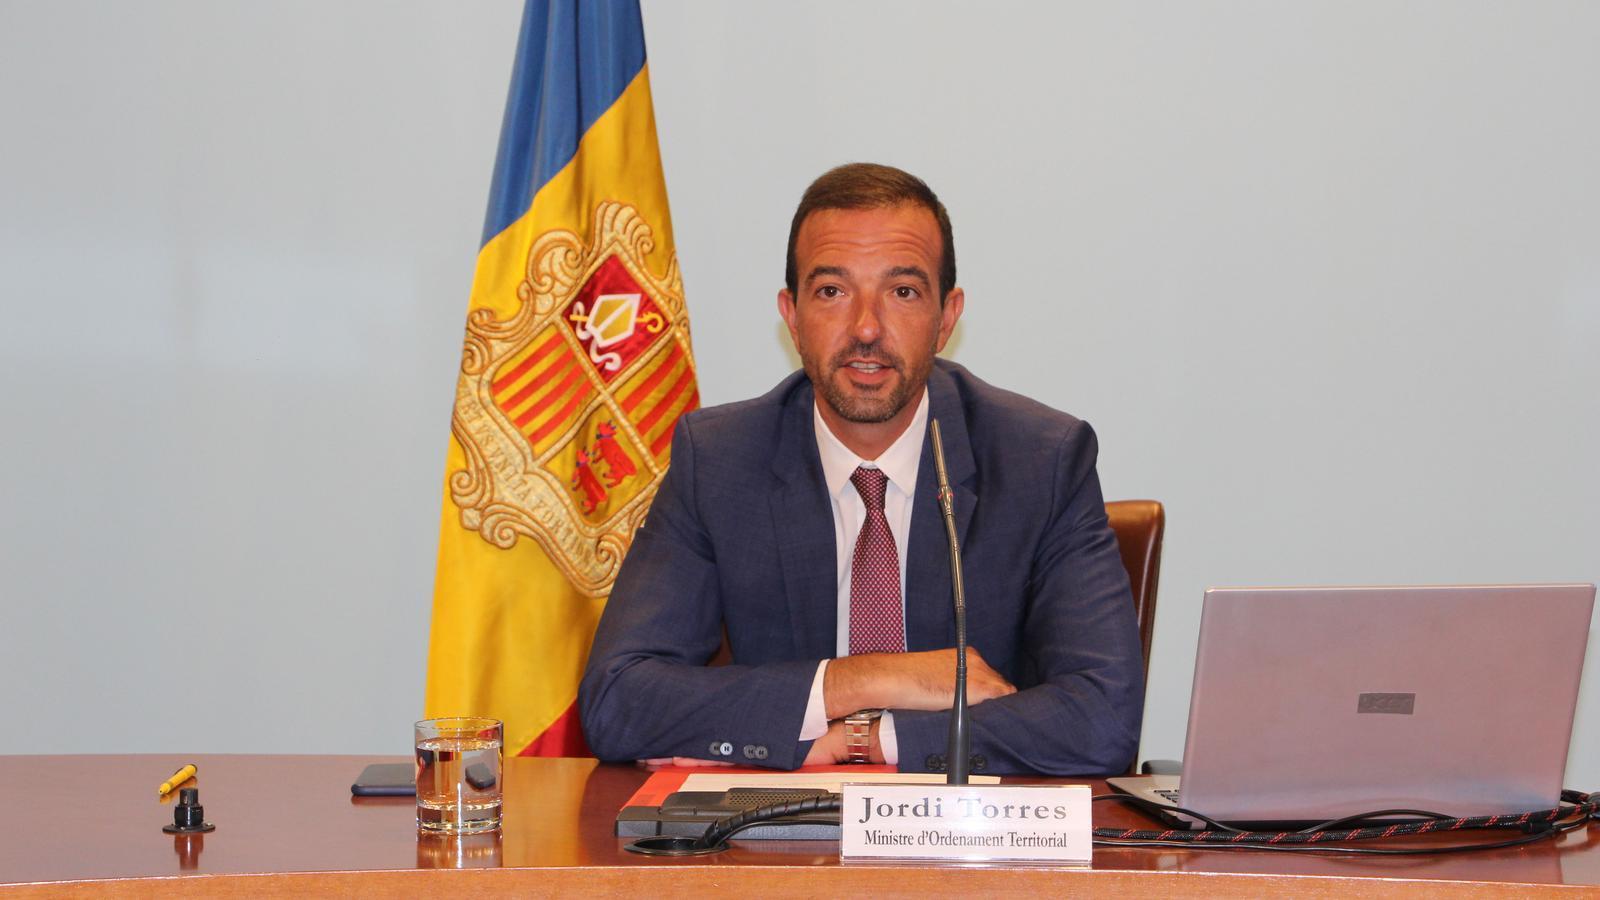 EL Ministre d'Ordenament Territorial, Jordi Torres. / C. A.